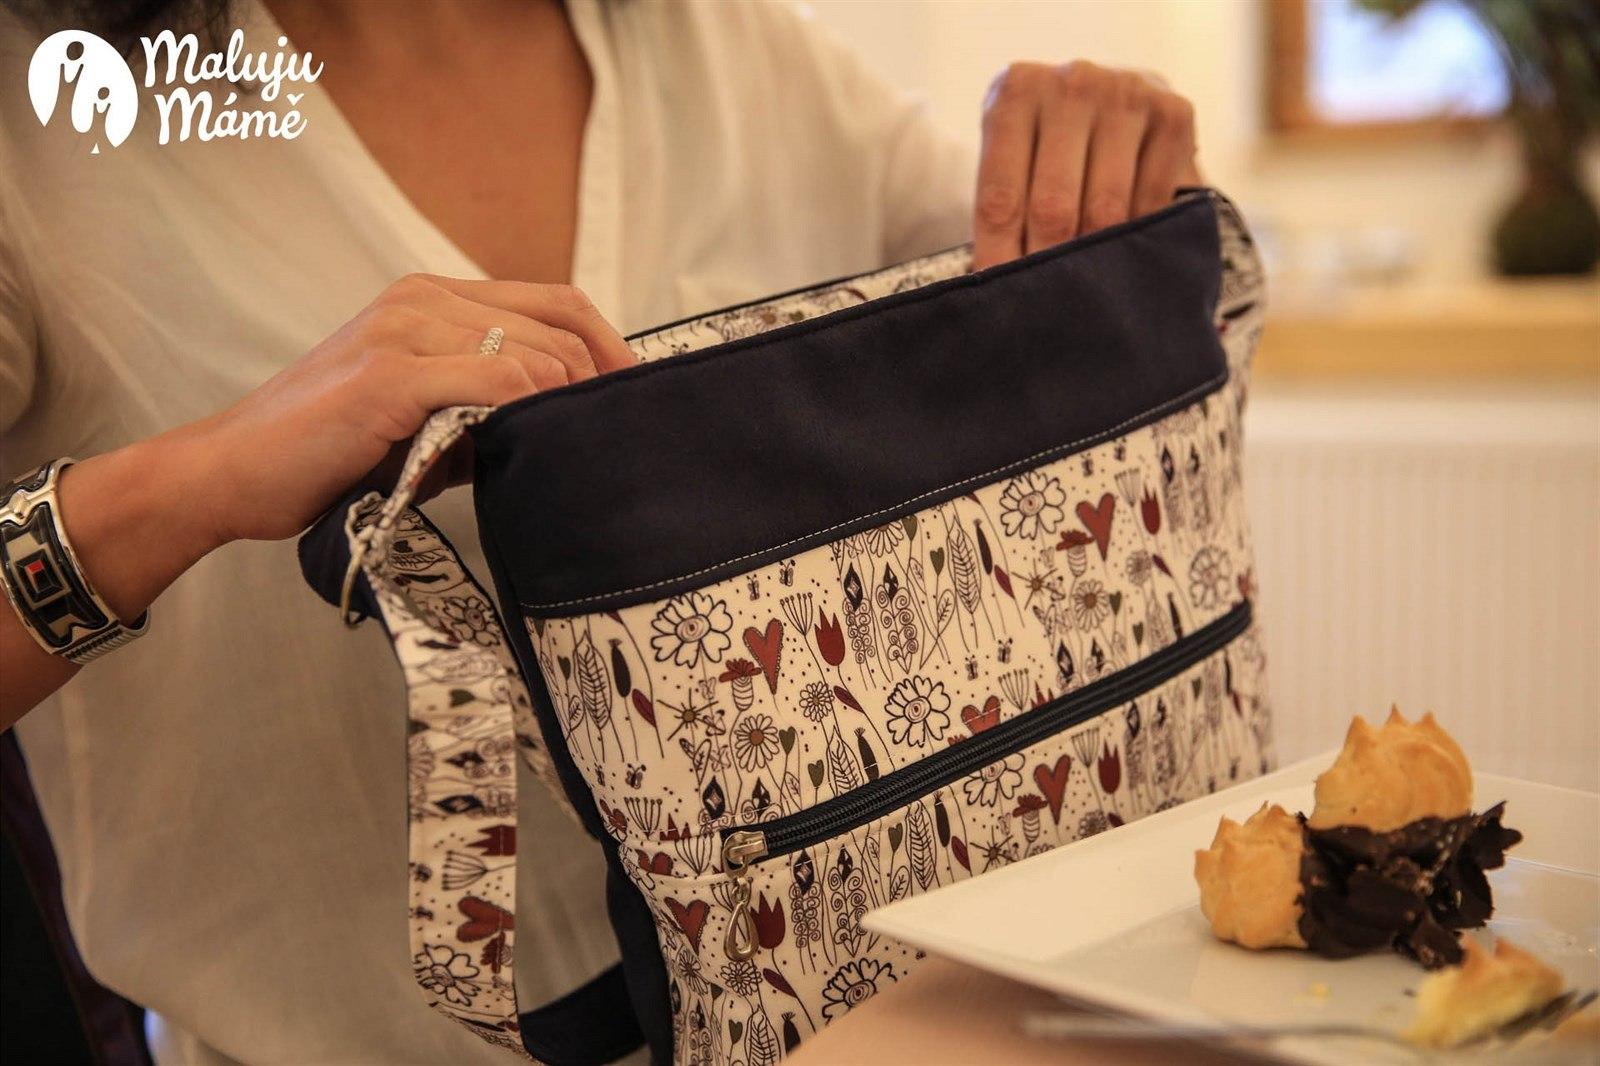 0397d1d1b Kabelky, batohy, organizéry a tašky s obrázky, které namalovaly svým  maminkám děti.